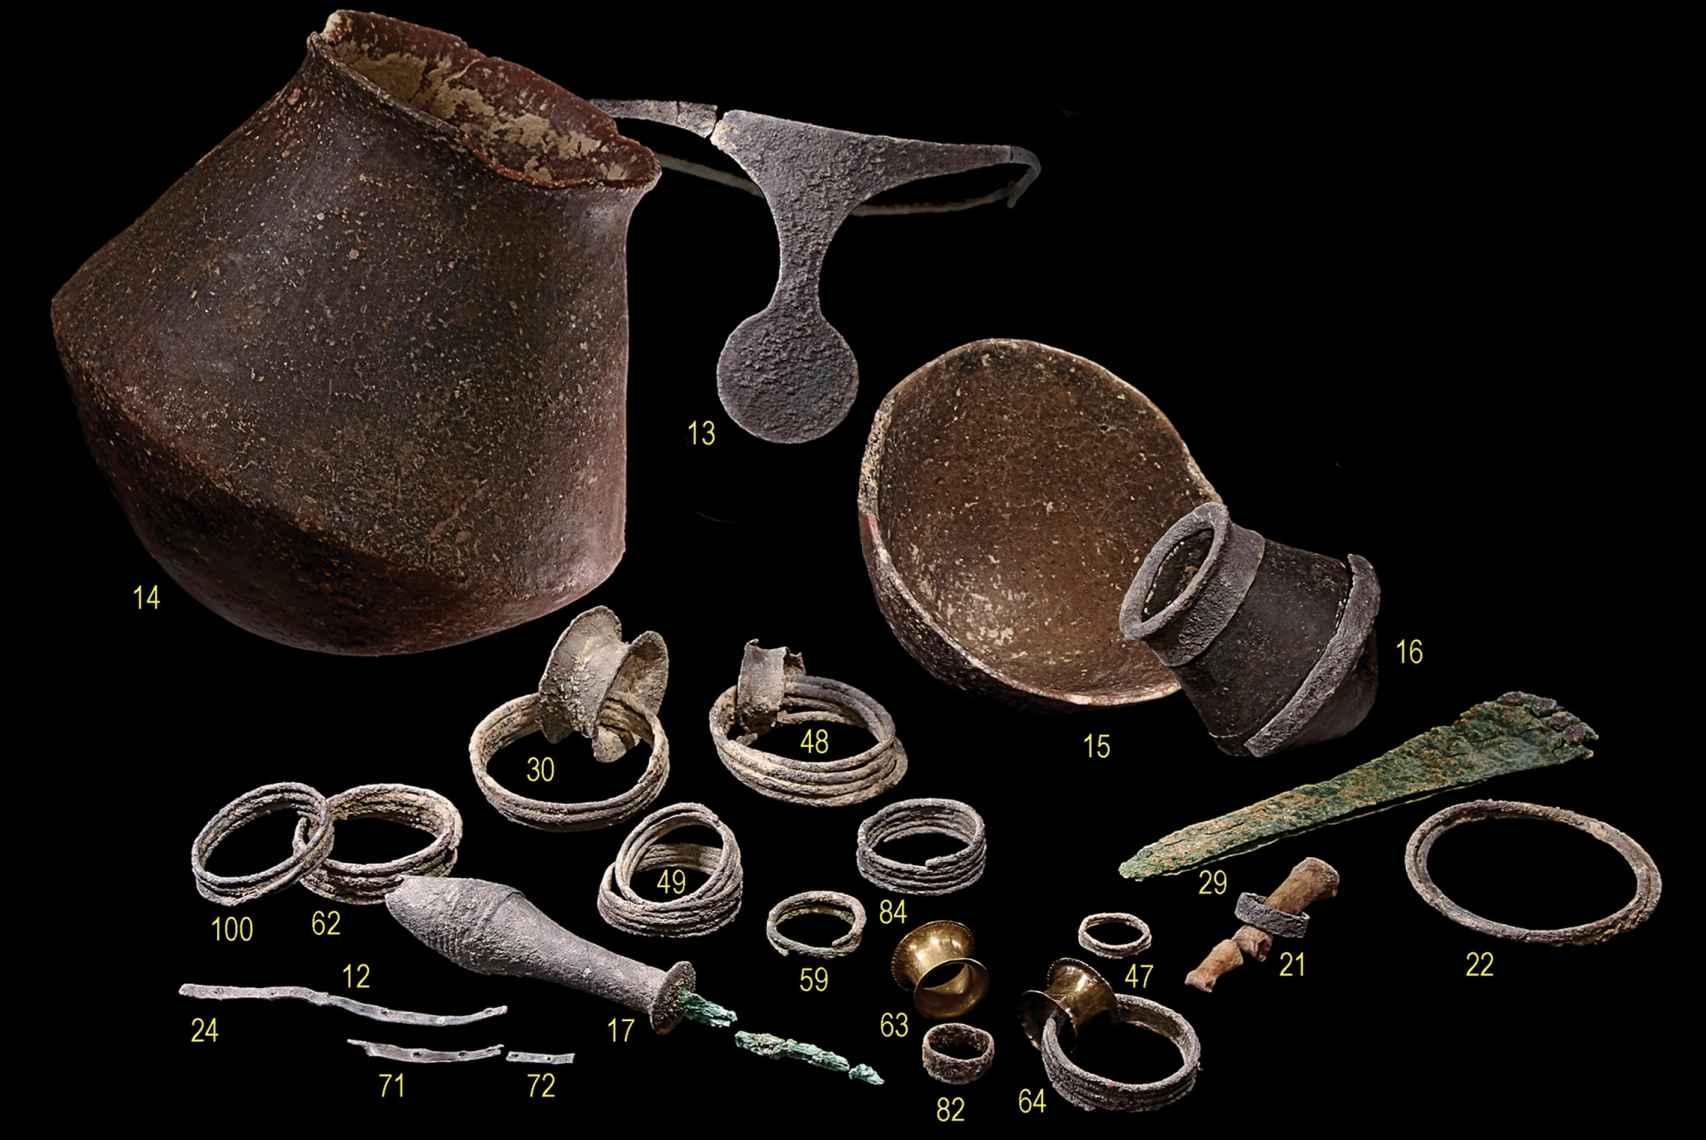 Algunas de las joyas halladas en la tumba 38, entre las que destaca la diadema de plata.